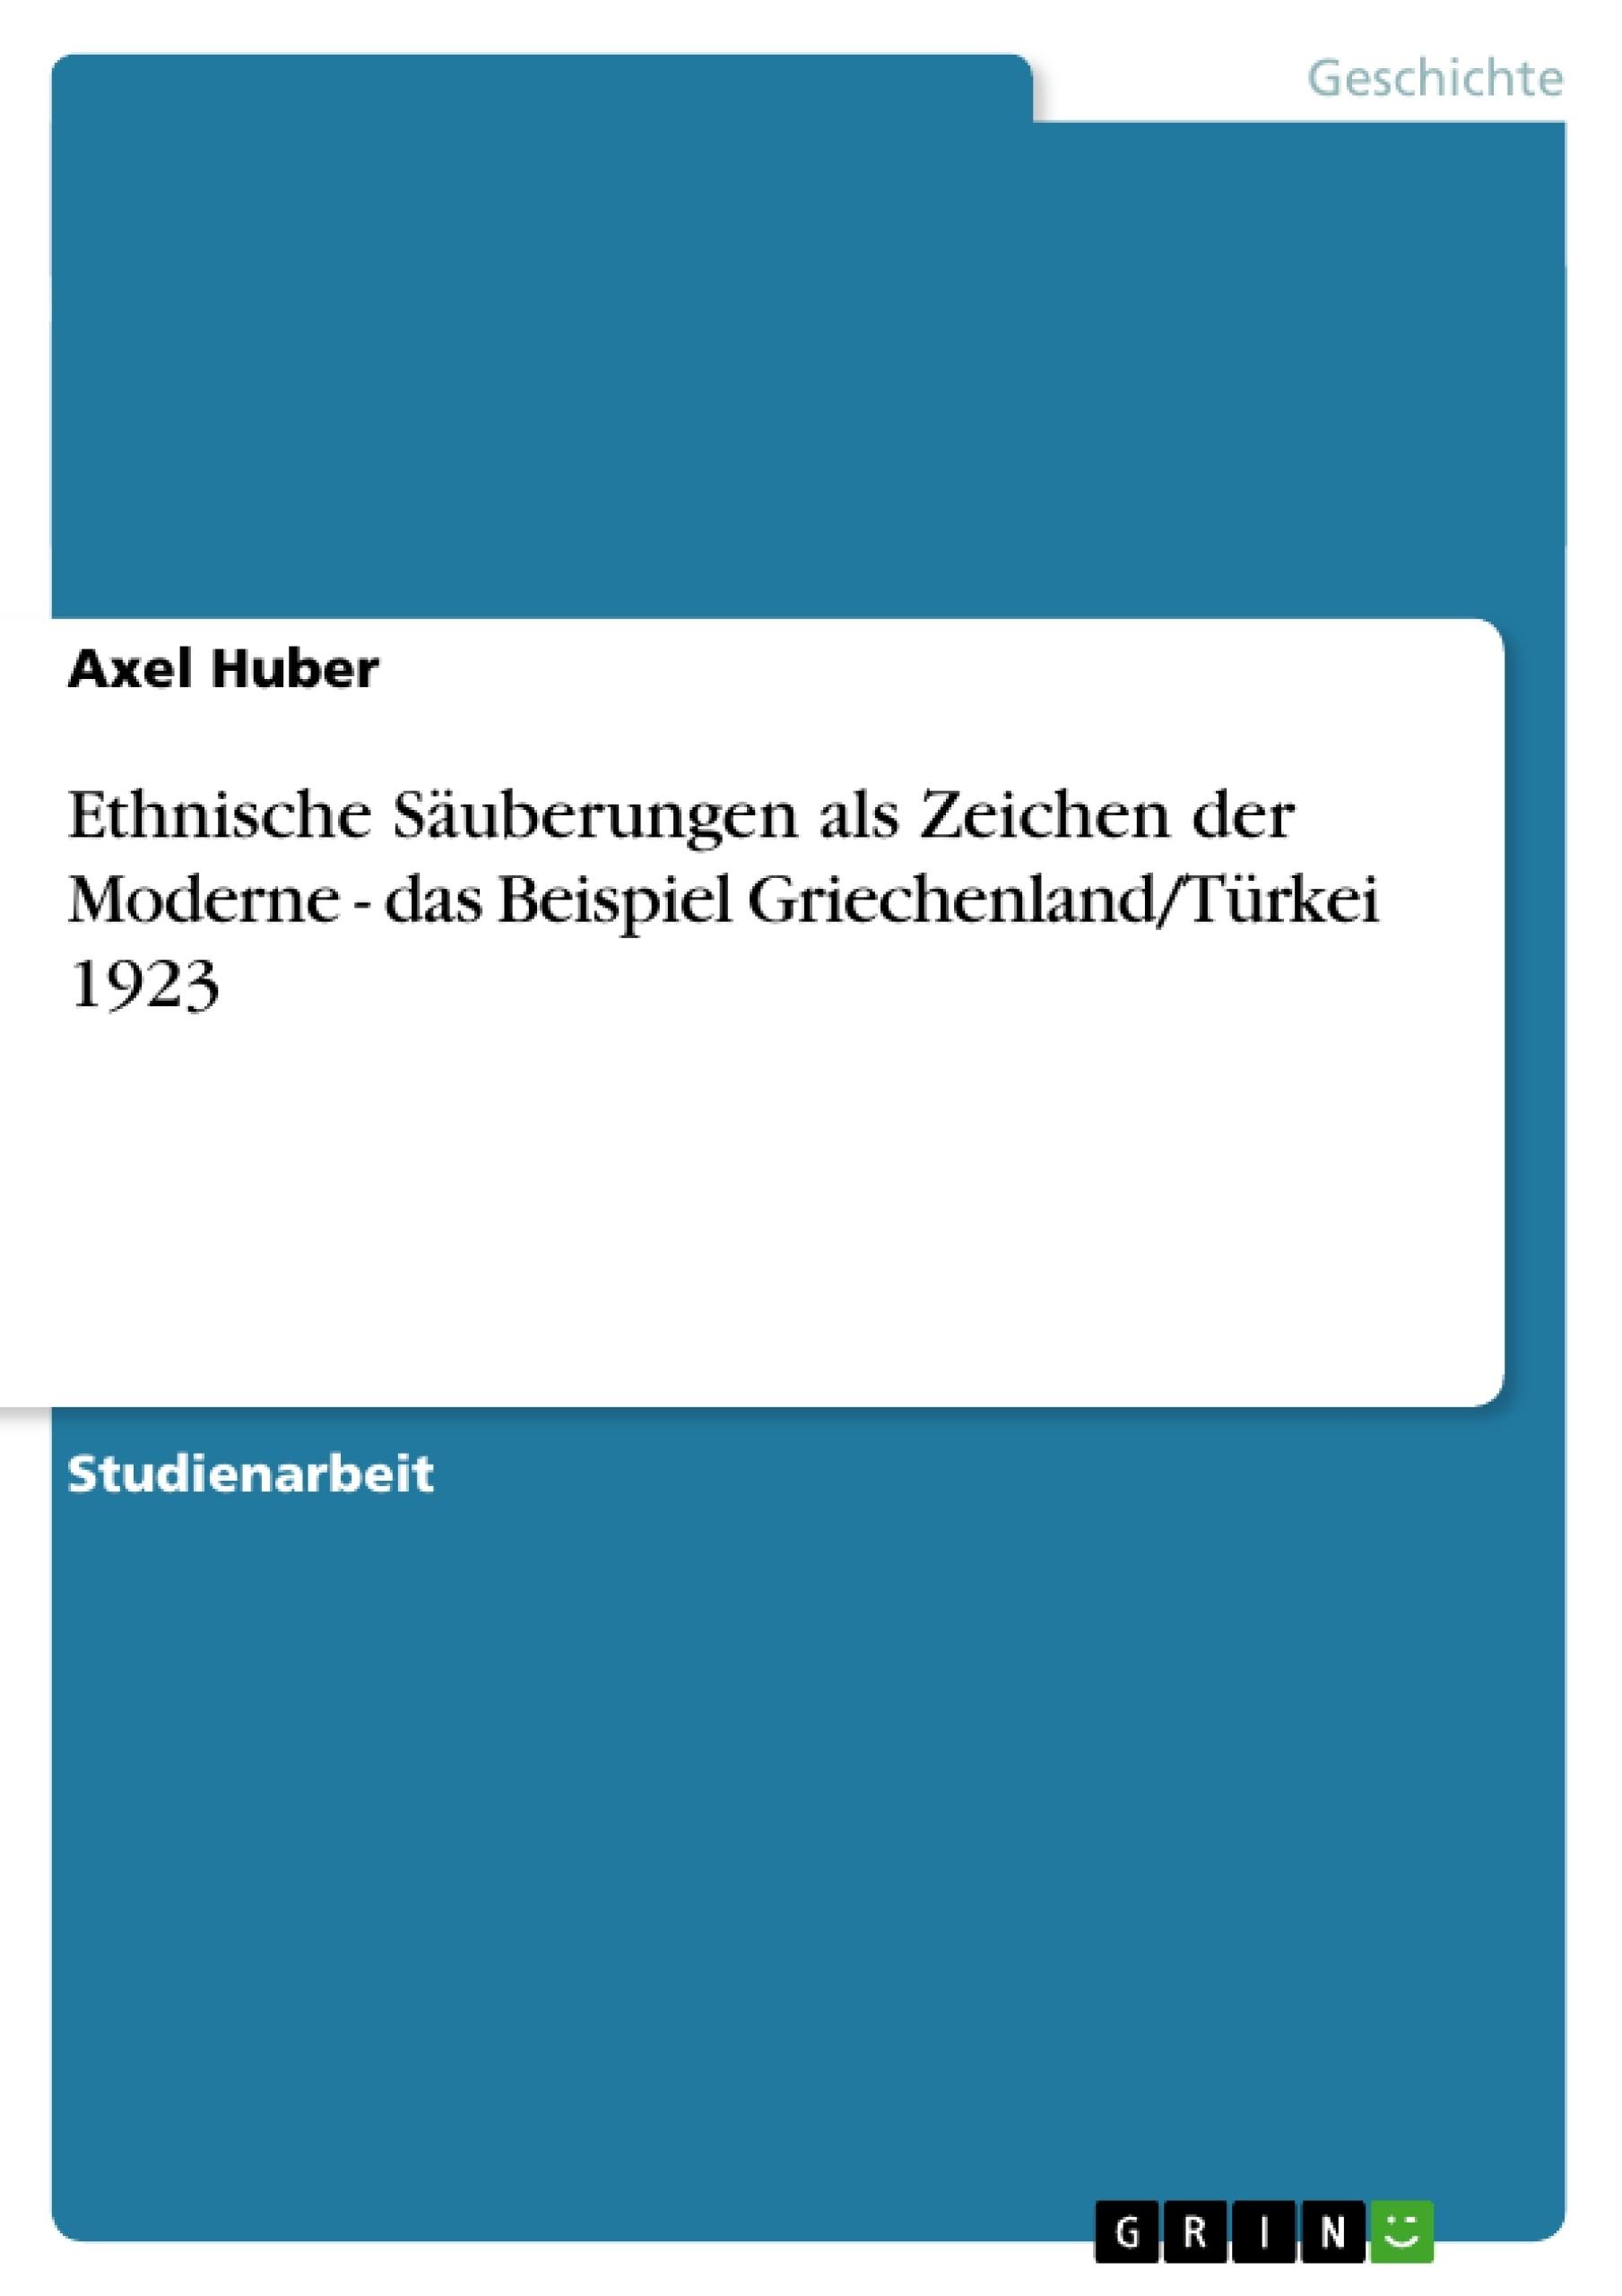 Titel: Ethnische Säuberungen als Zeichen der Moderne - das Beispiel Griechenland/Türkei 1923